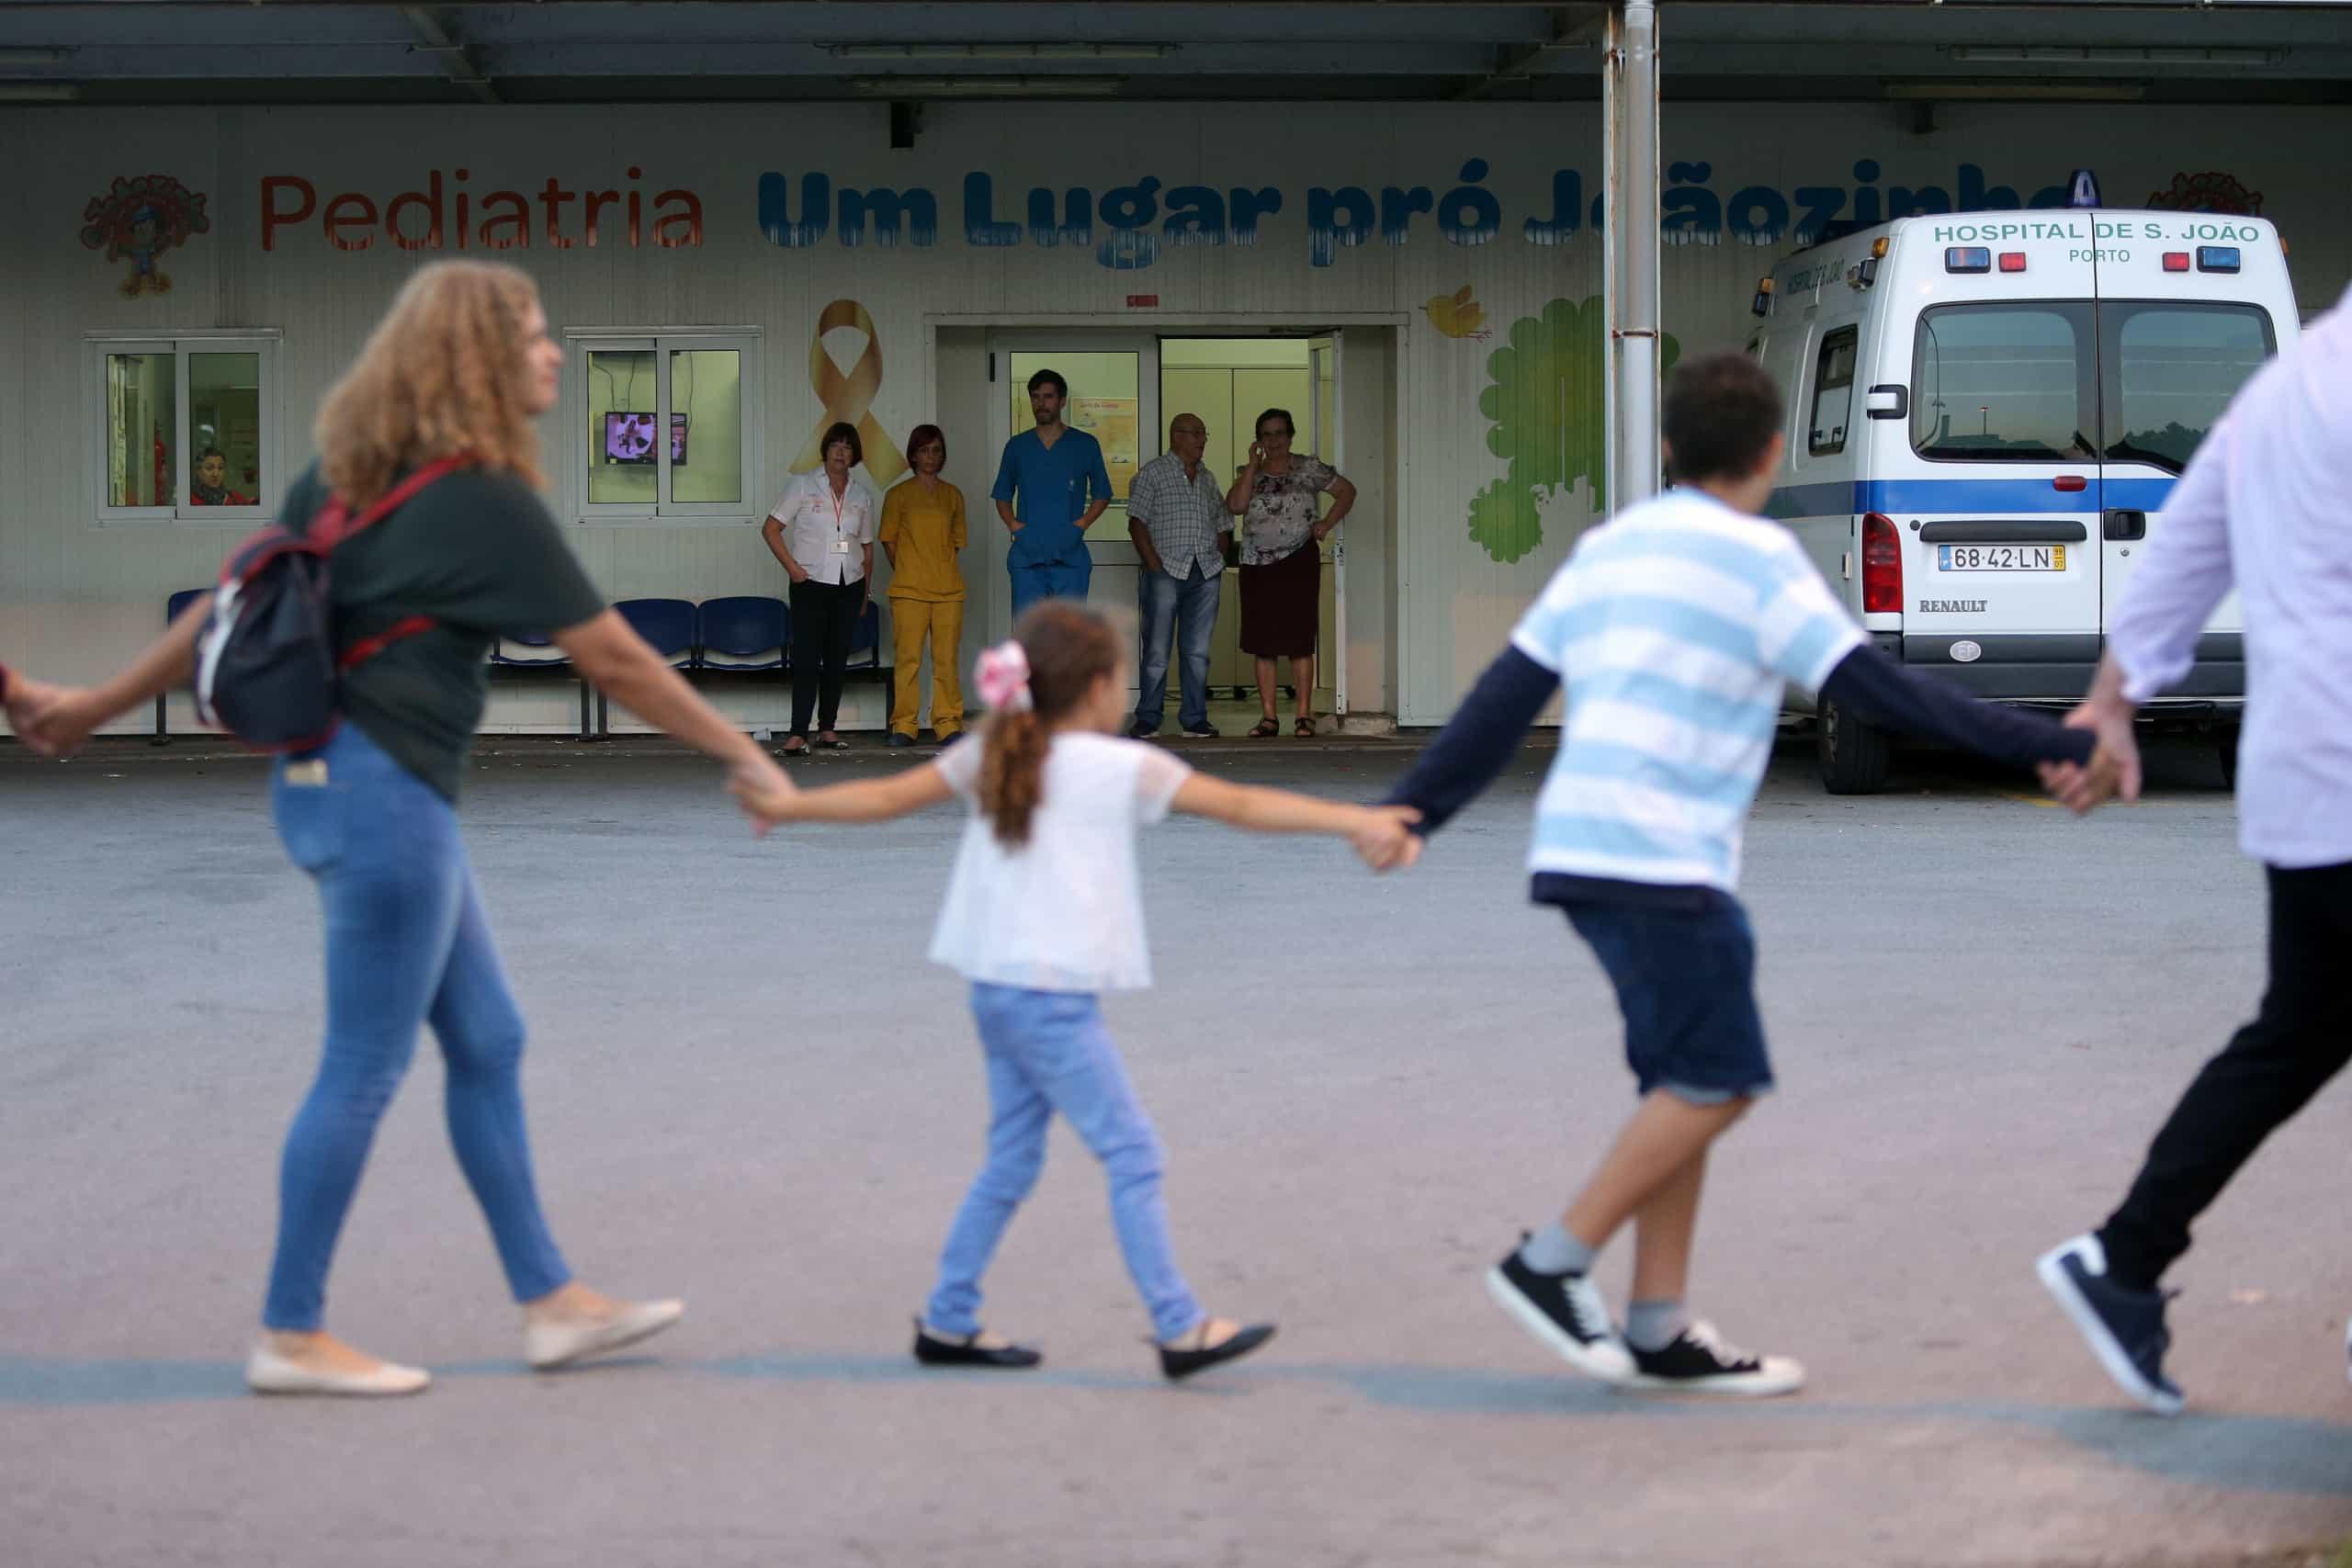 MP abre inquérito sobre aluguer de contentores do Hospital de São João